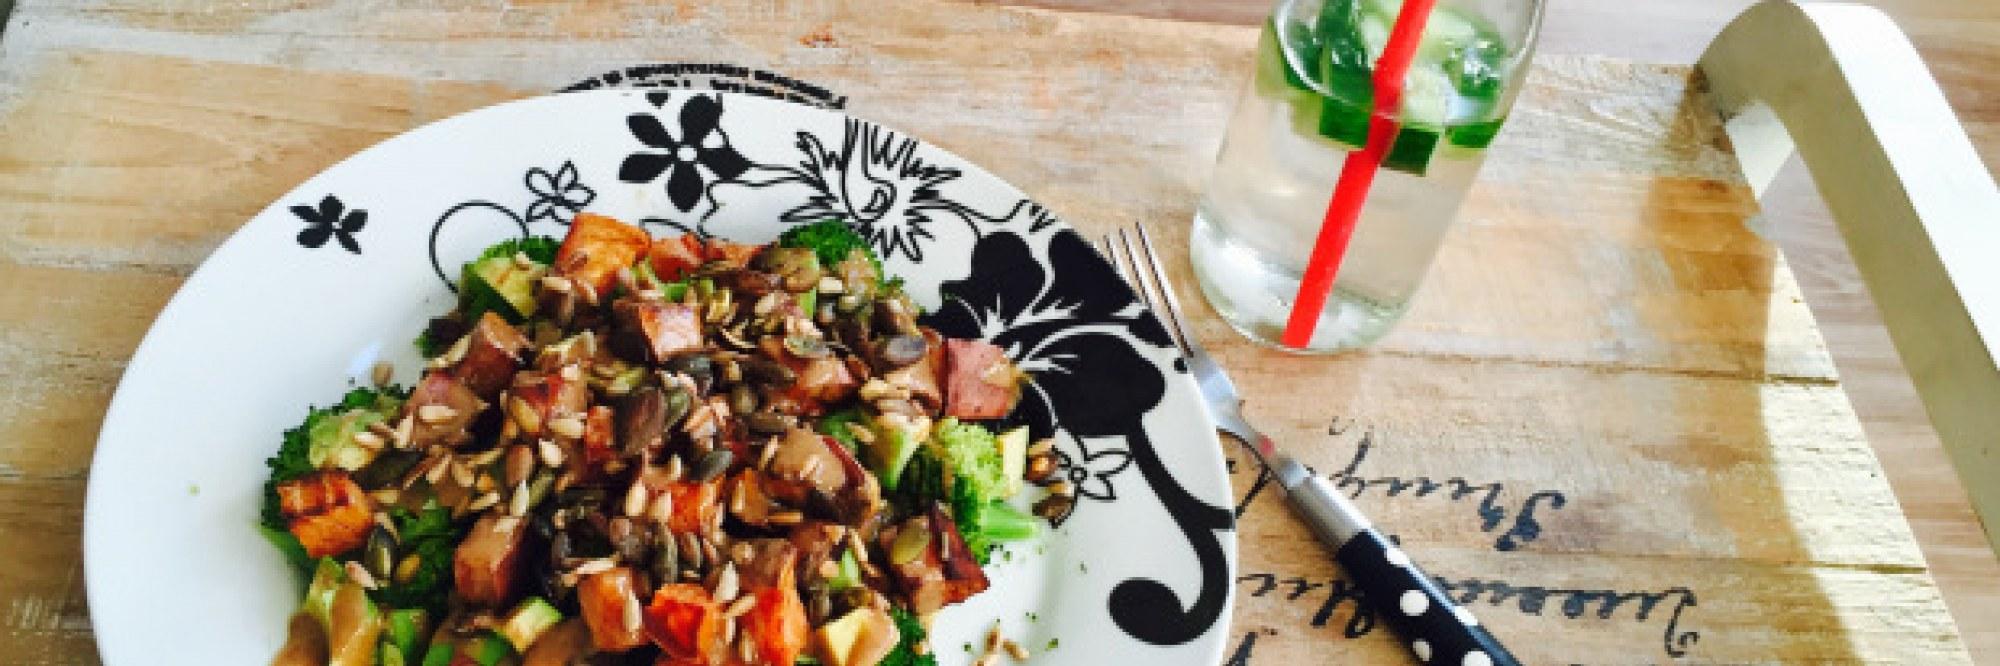 Salade tiède aux patates douces